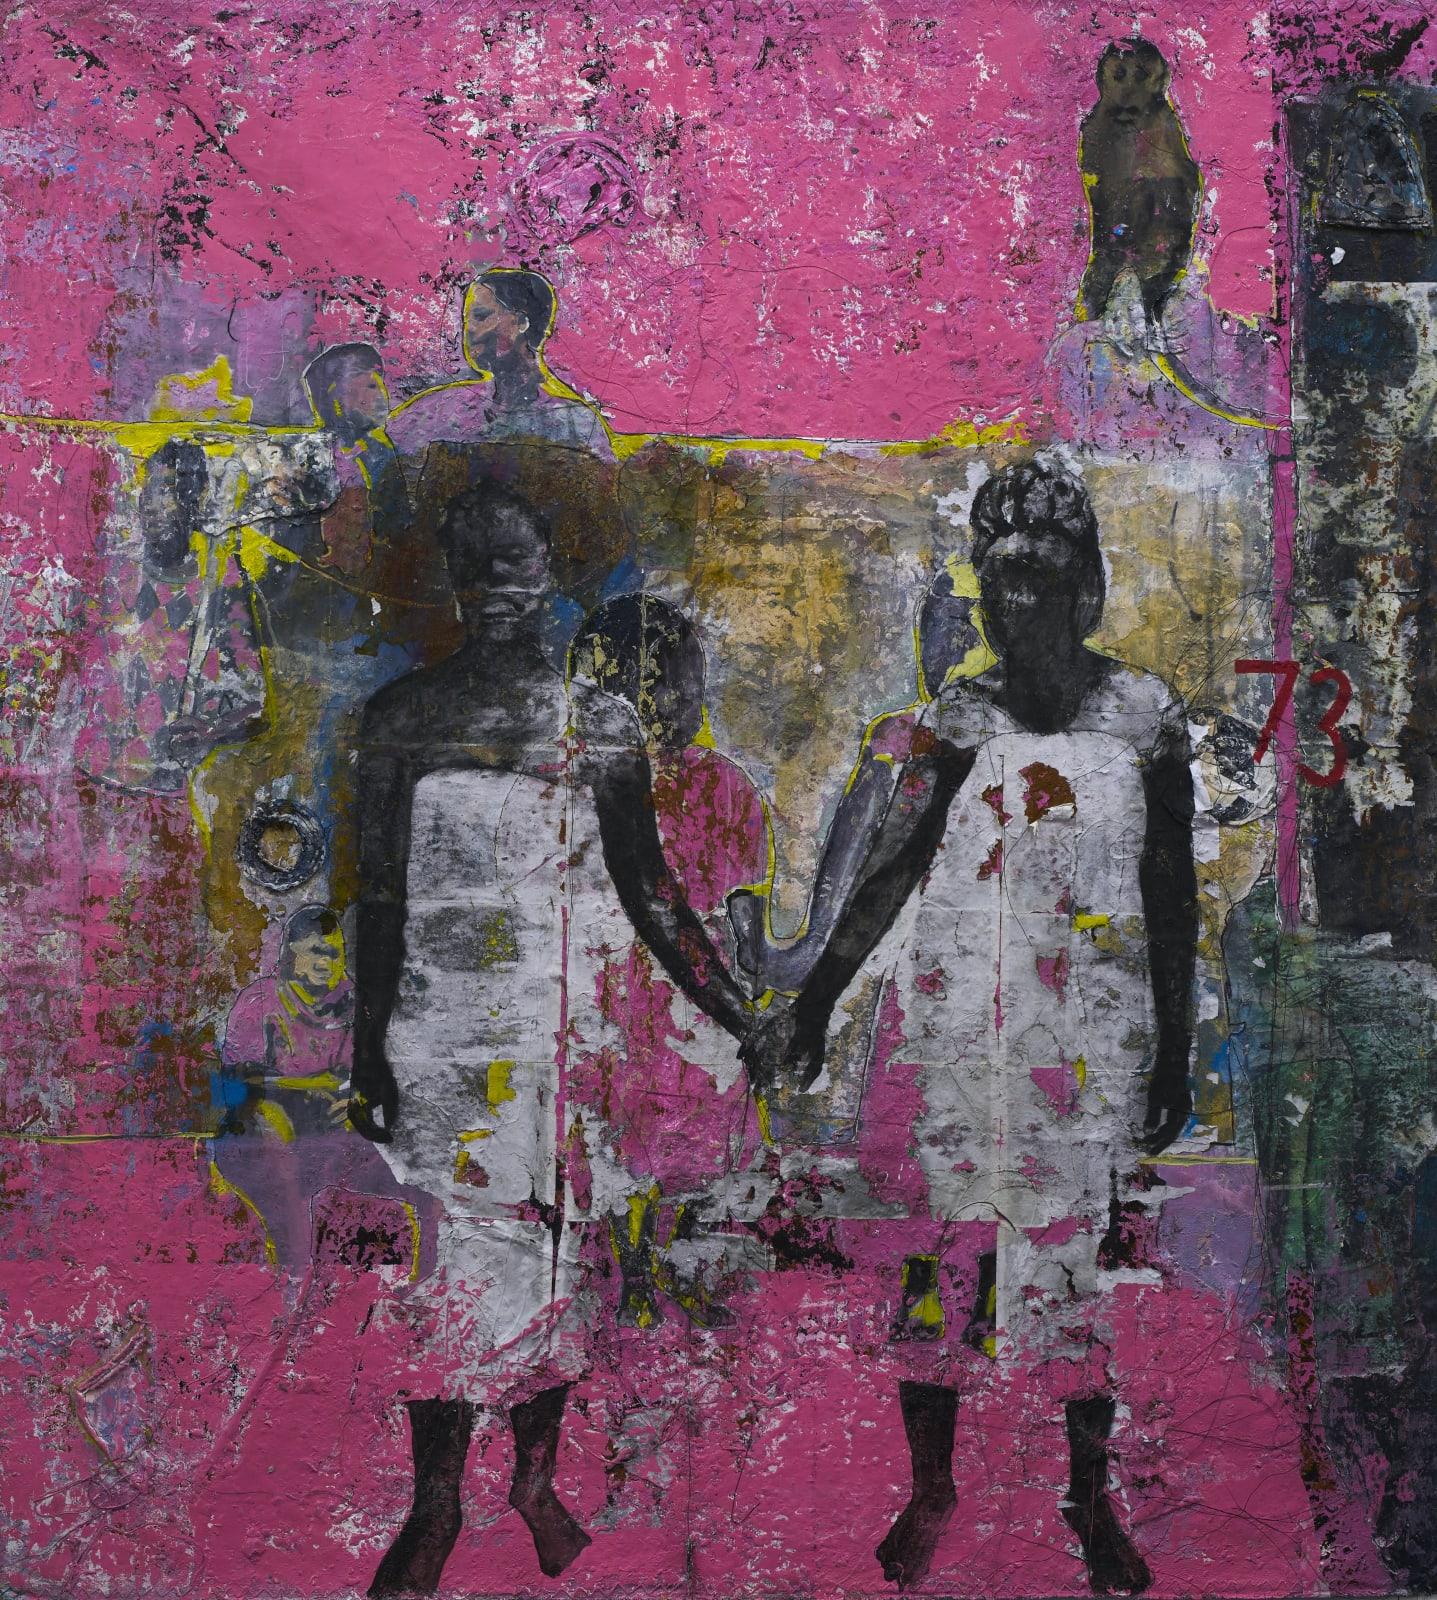 Kaloki Nyamai, Kukwatana Moko (Holding Hands), 2021